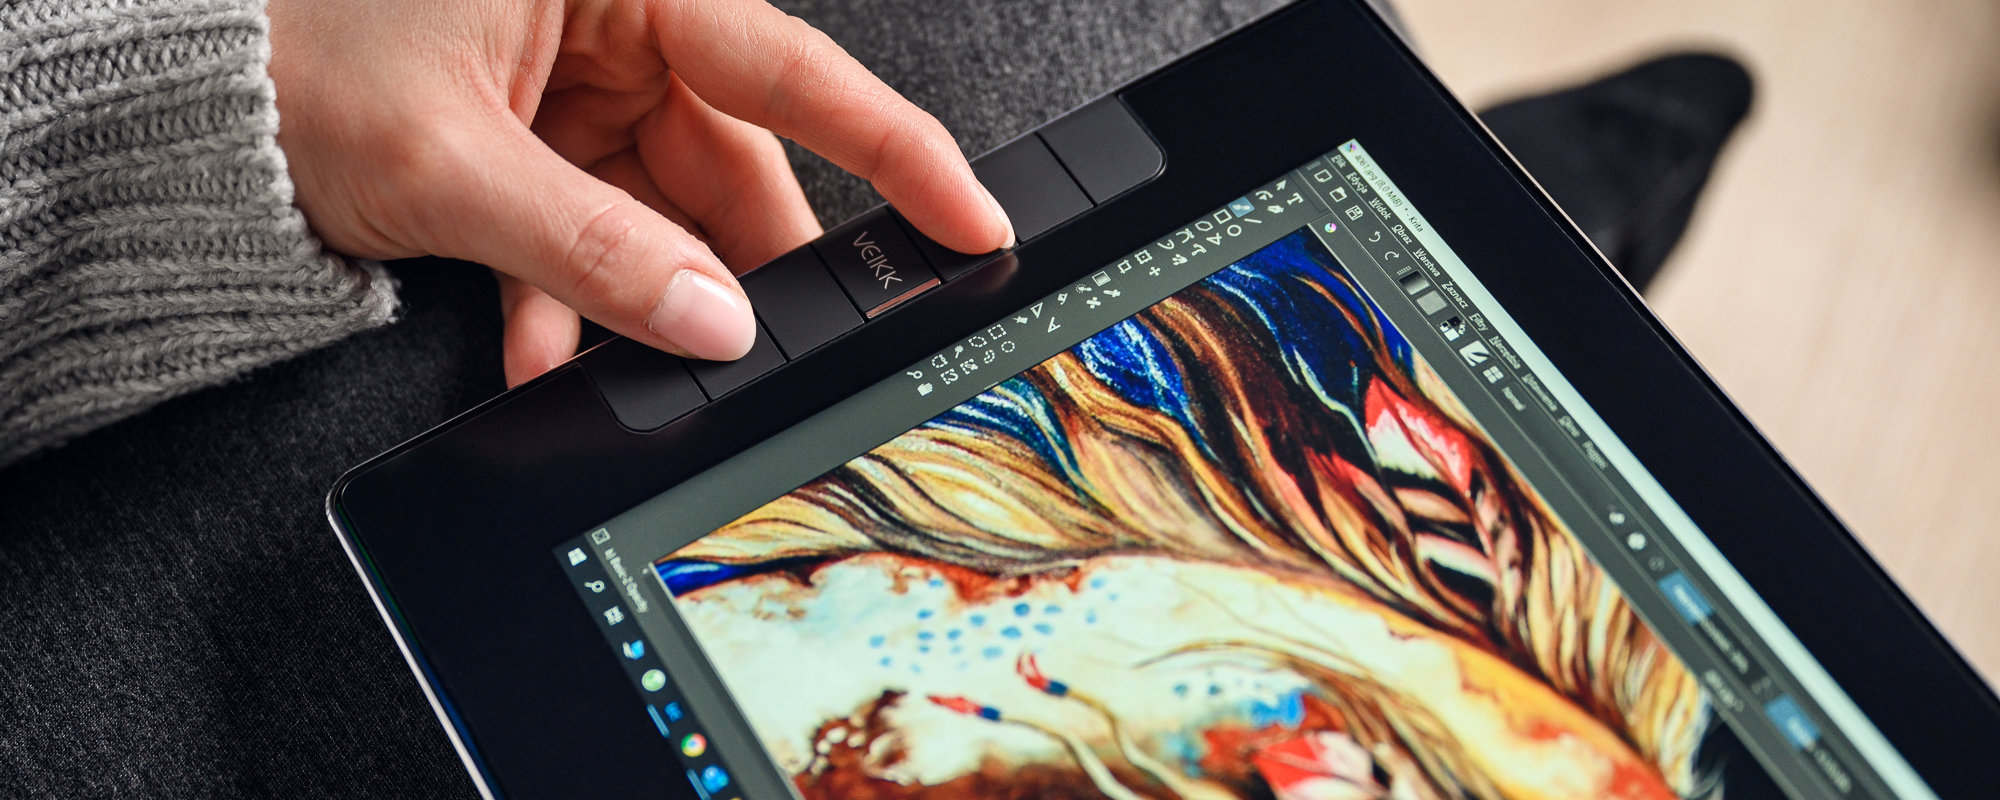 Zdjęcie - zbliżenie na dłoń wciskającą klawisz na tablecie z ekranem LCD Veikk VK1200